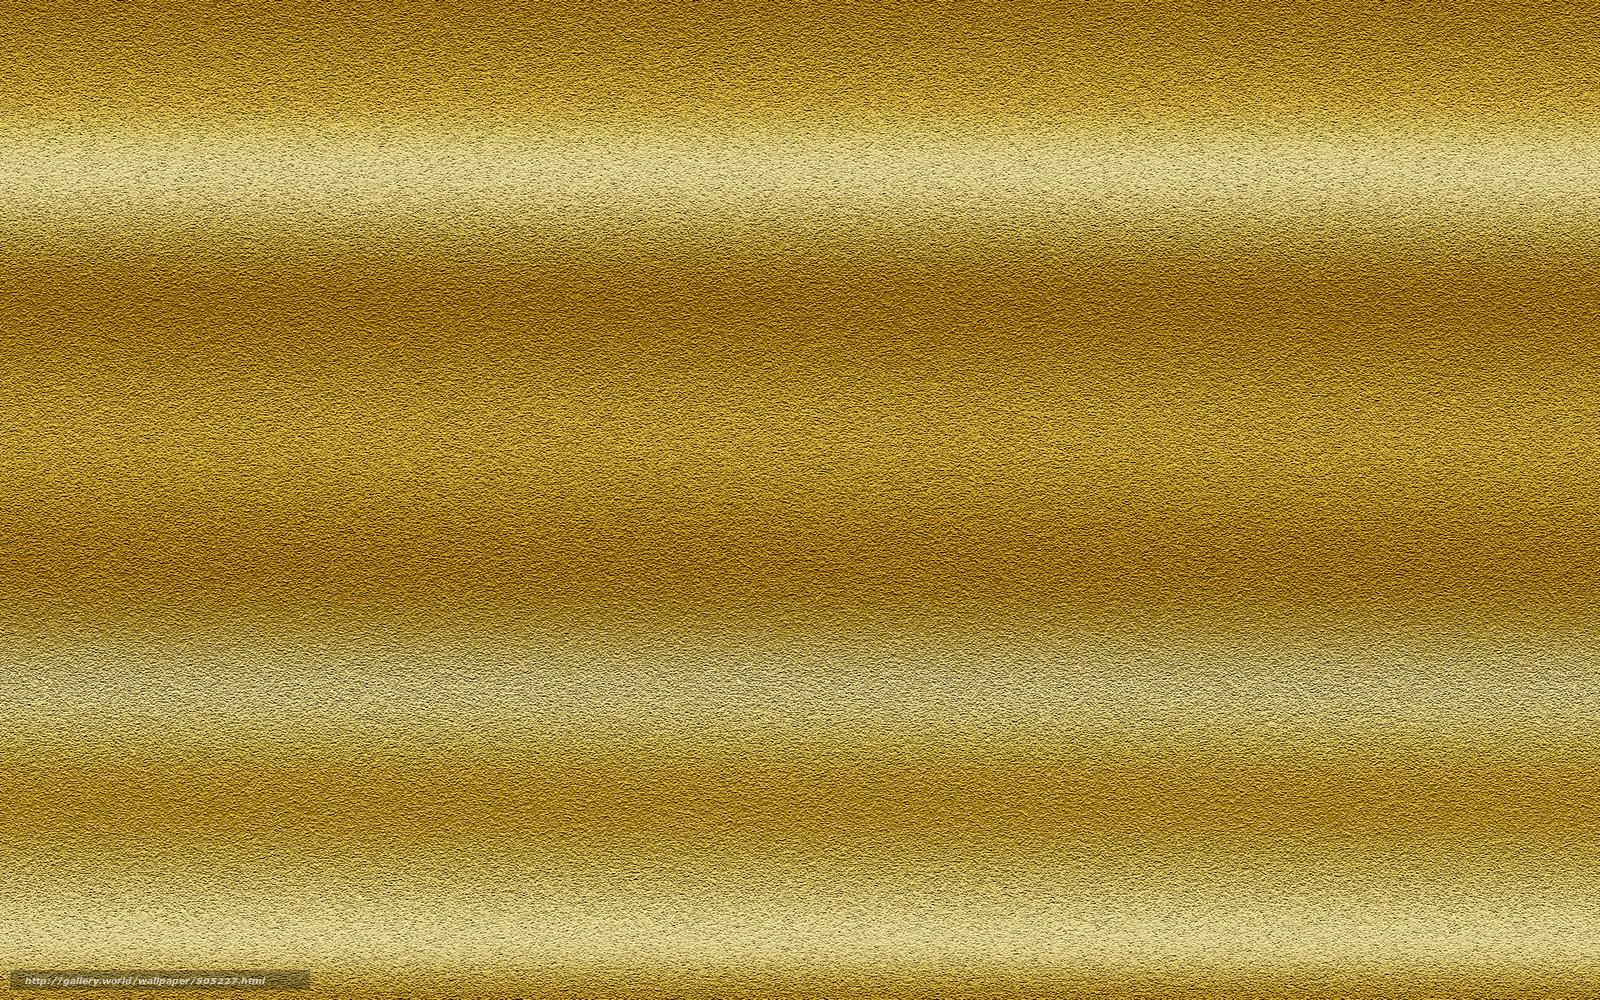 Скачать обои лист,  волны,  золото бесплатно для рабочего стола в разрешении 2560x1600 — картинка №505227